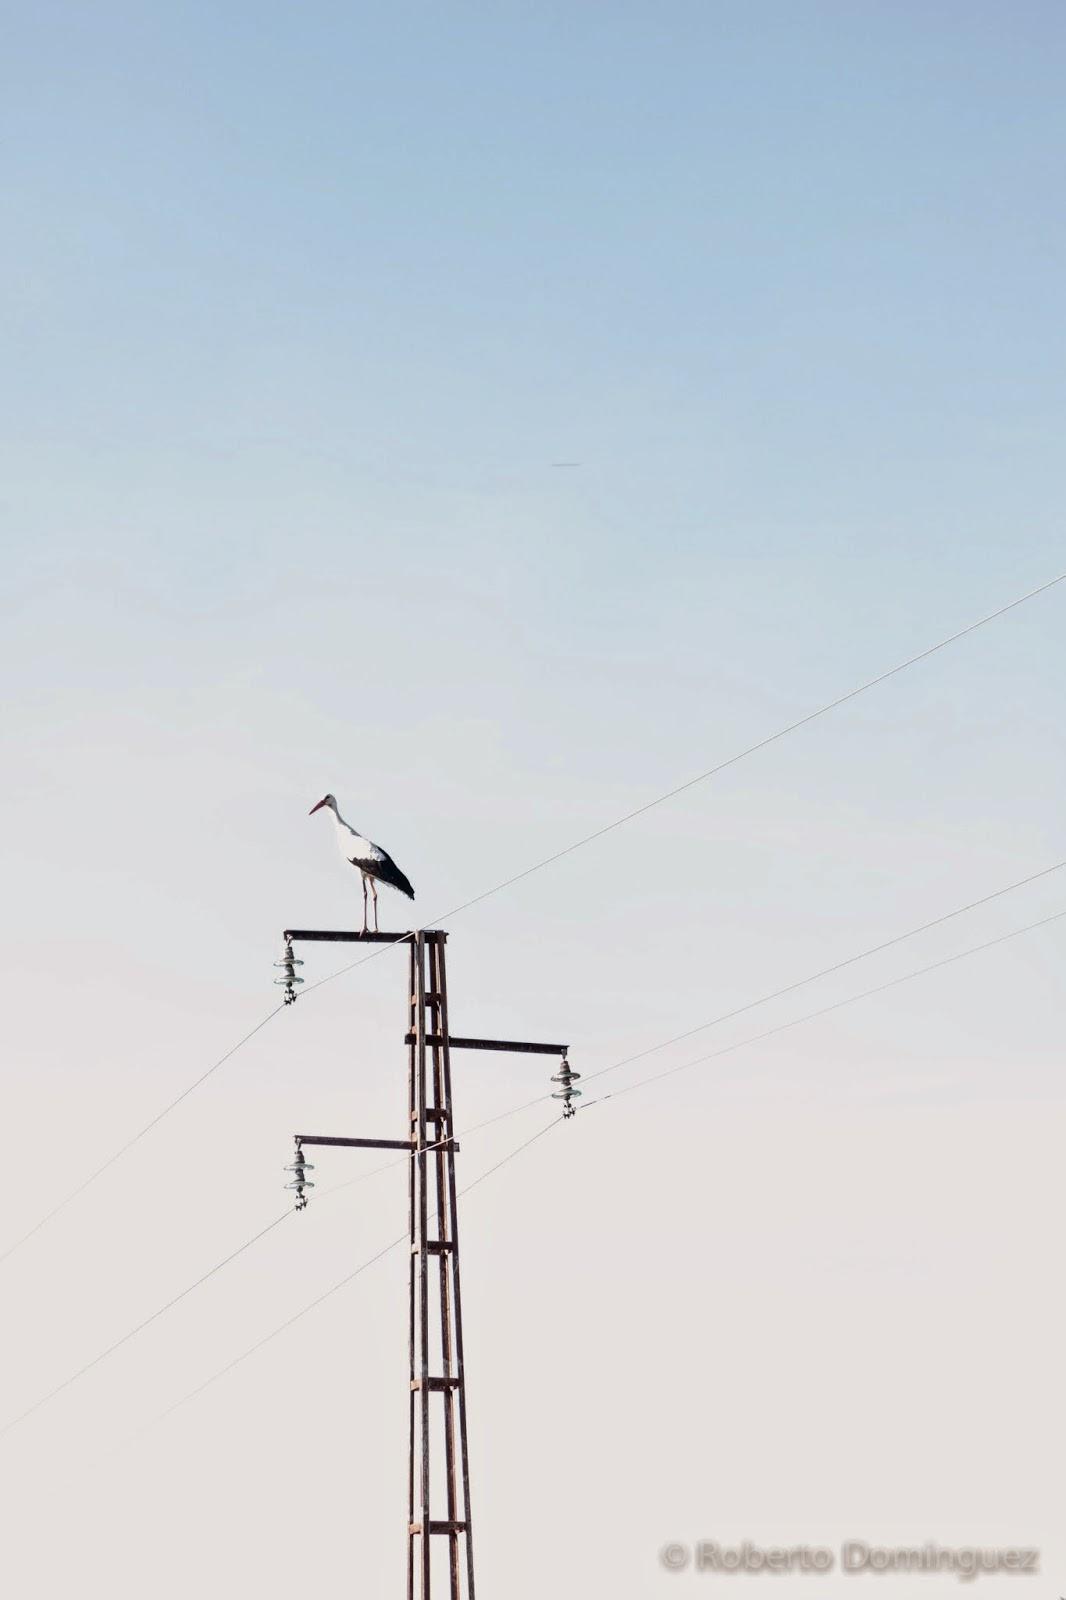 © R.Domínguez - Nuestro entorno cotidiano